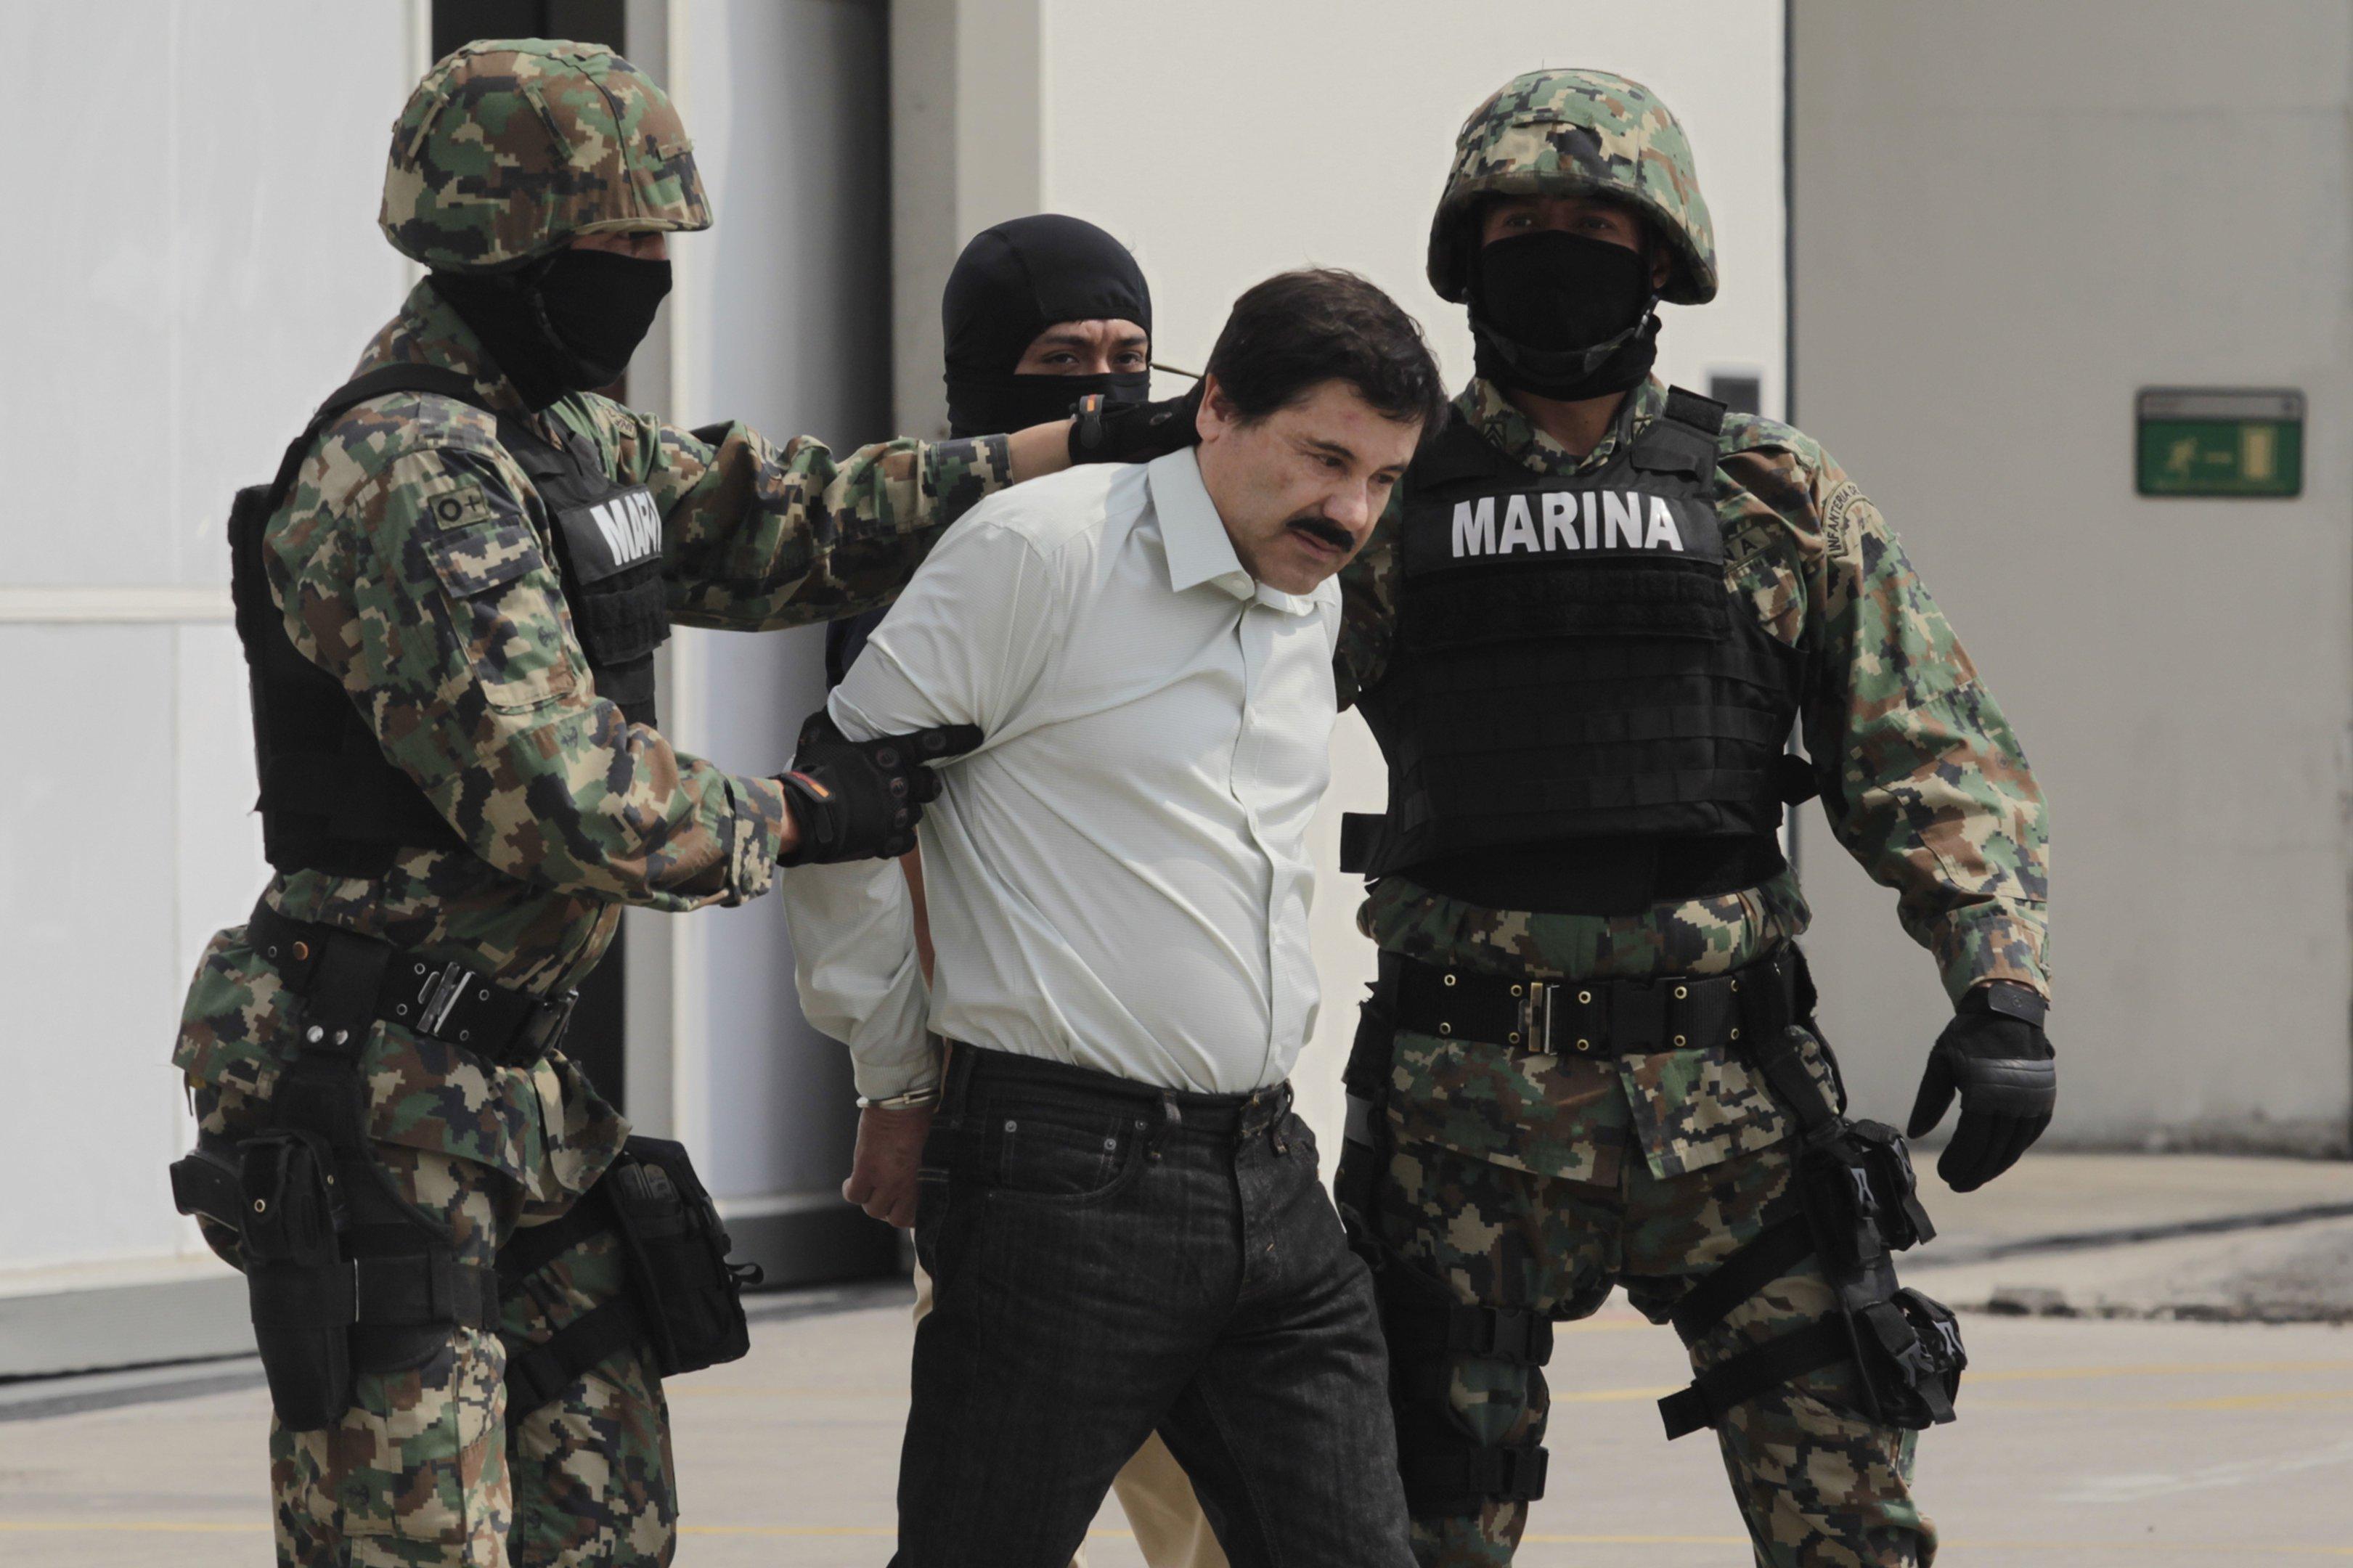 Traficante mexicano El Chapo é condenado à prisão perpétua nos EUA